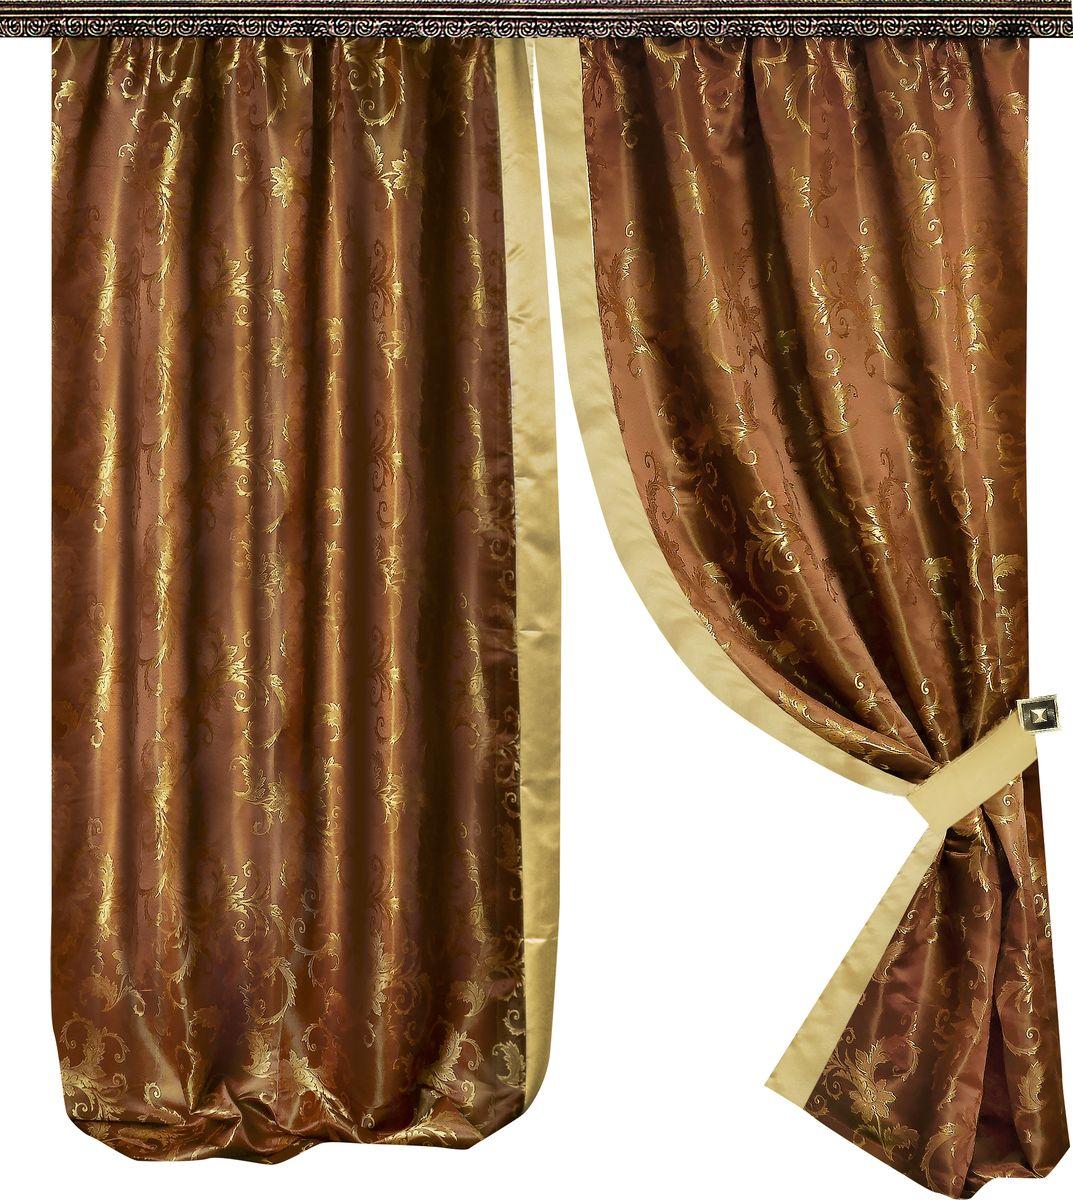 Комплект штор Zlata Korunka, на ленте, цвет: коричневый, высота 265 см. 777066777066Роскошный комплект штор Zlata Korunka комплект состоит из двух портьер и двух подхватов, выполненных из 100% полиэстера, которые великолепно украсит любое окно.Плотная ткань, оригинальный орнамент и приятная цветовая гамма привлекут к себе внимание и органично впишутся в интерьер помещения. Комплект крепится на карниз при помощи шторной ленты, которая поможет красиво и равномерно задрапировать верх.Этот комплект будет долгое время радовать вас и вашу семью! В комплект входит: Штора: 2 шт. Размер (ШхВ): 150 см х 265 см. Подхват: 2 шт.